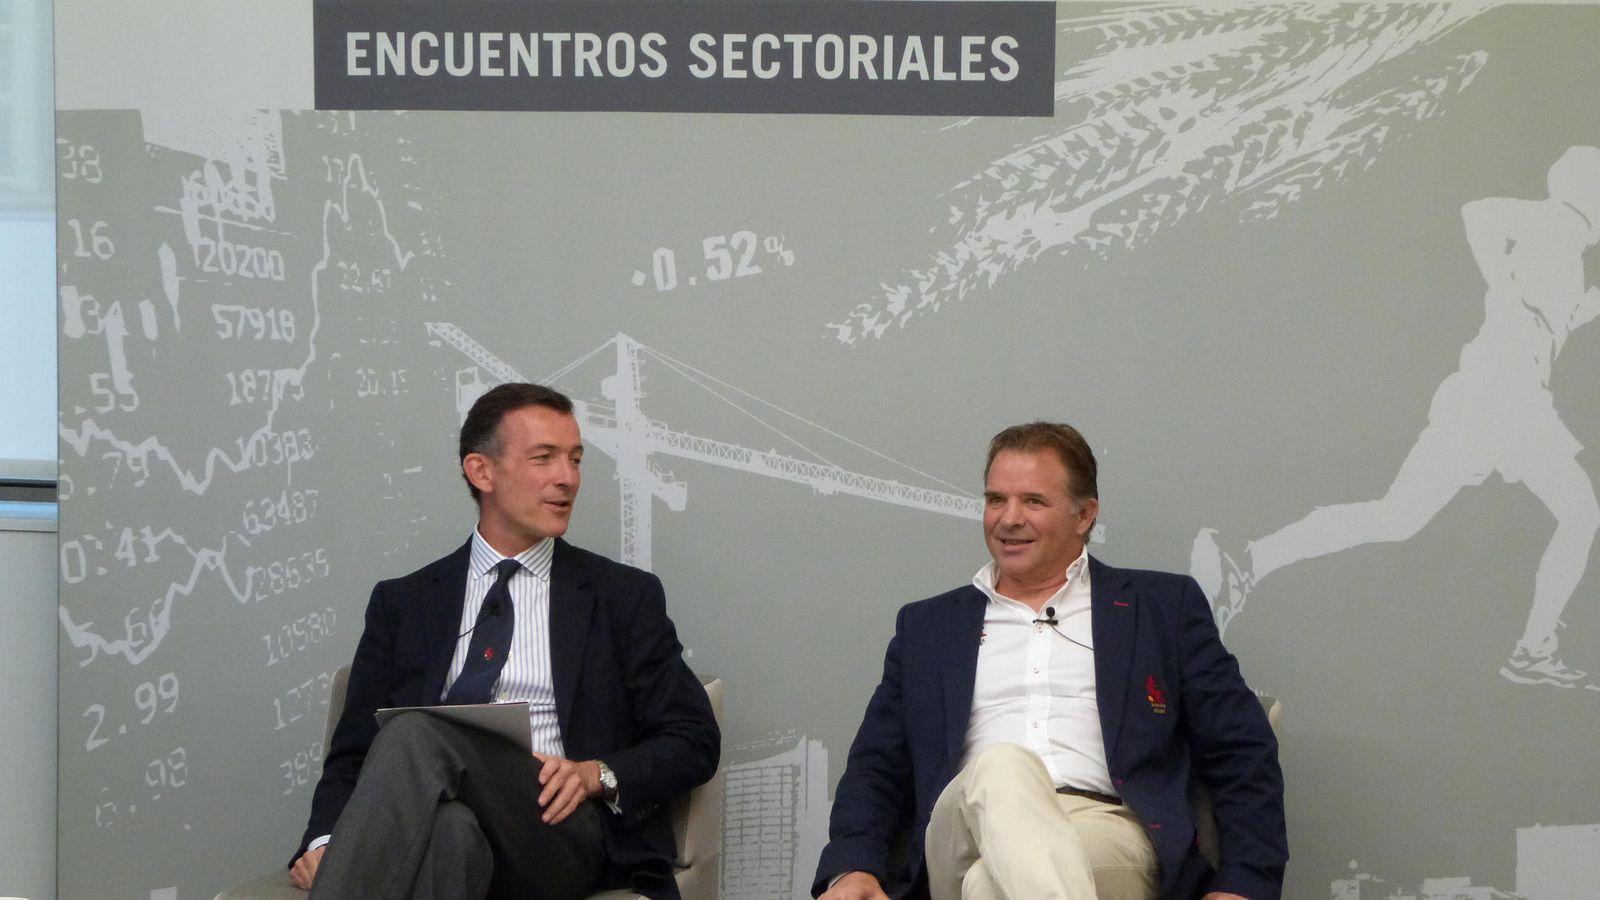 Foto: Eugenio Martínez Bravo y Santiago Santos presidieron el acto (Fotos: KREAB).